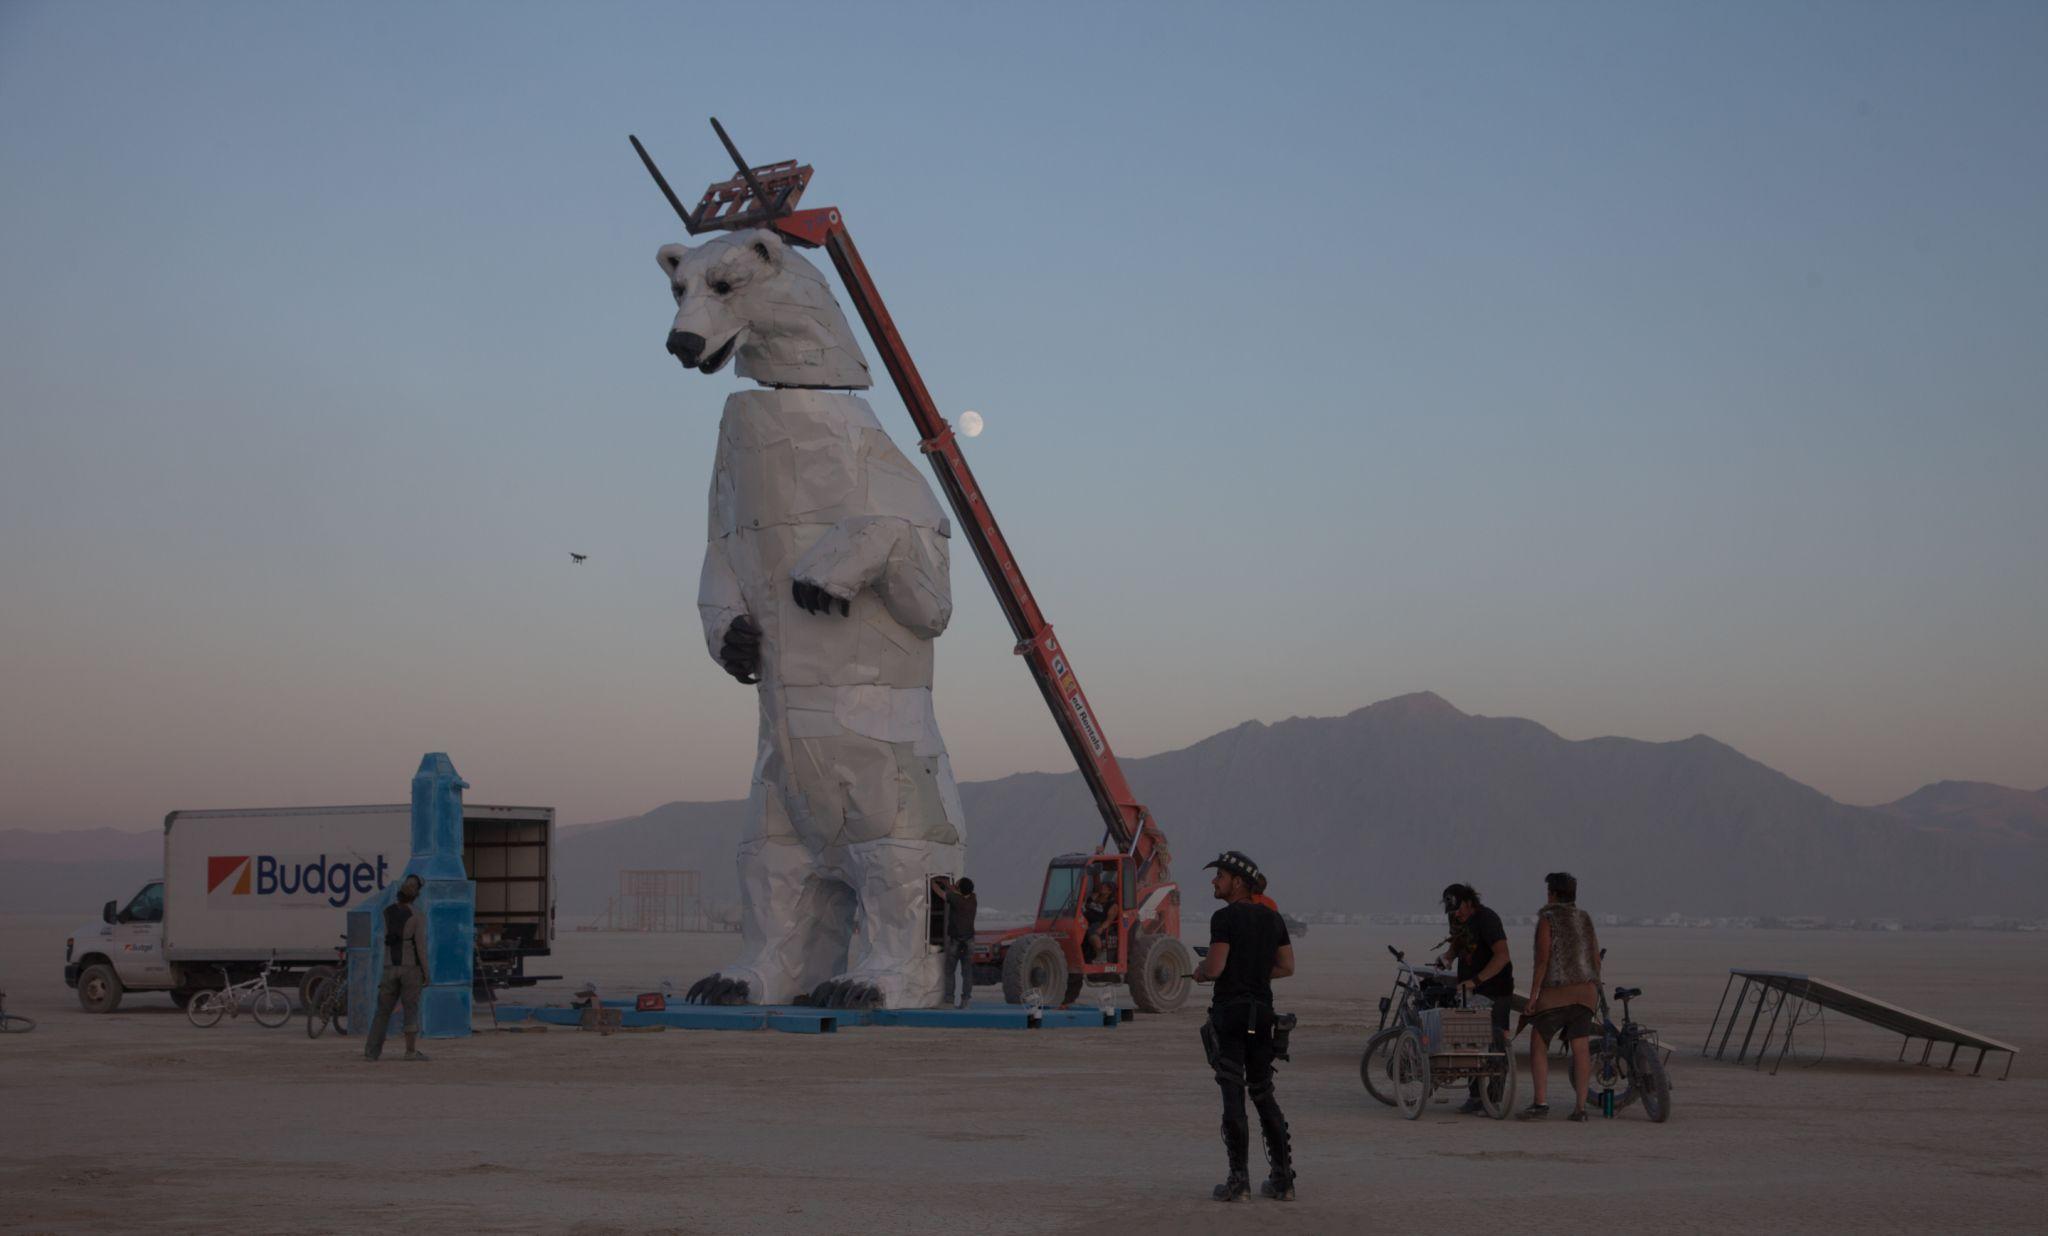 Burning Man Trucks